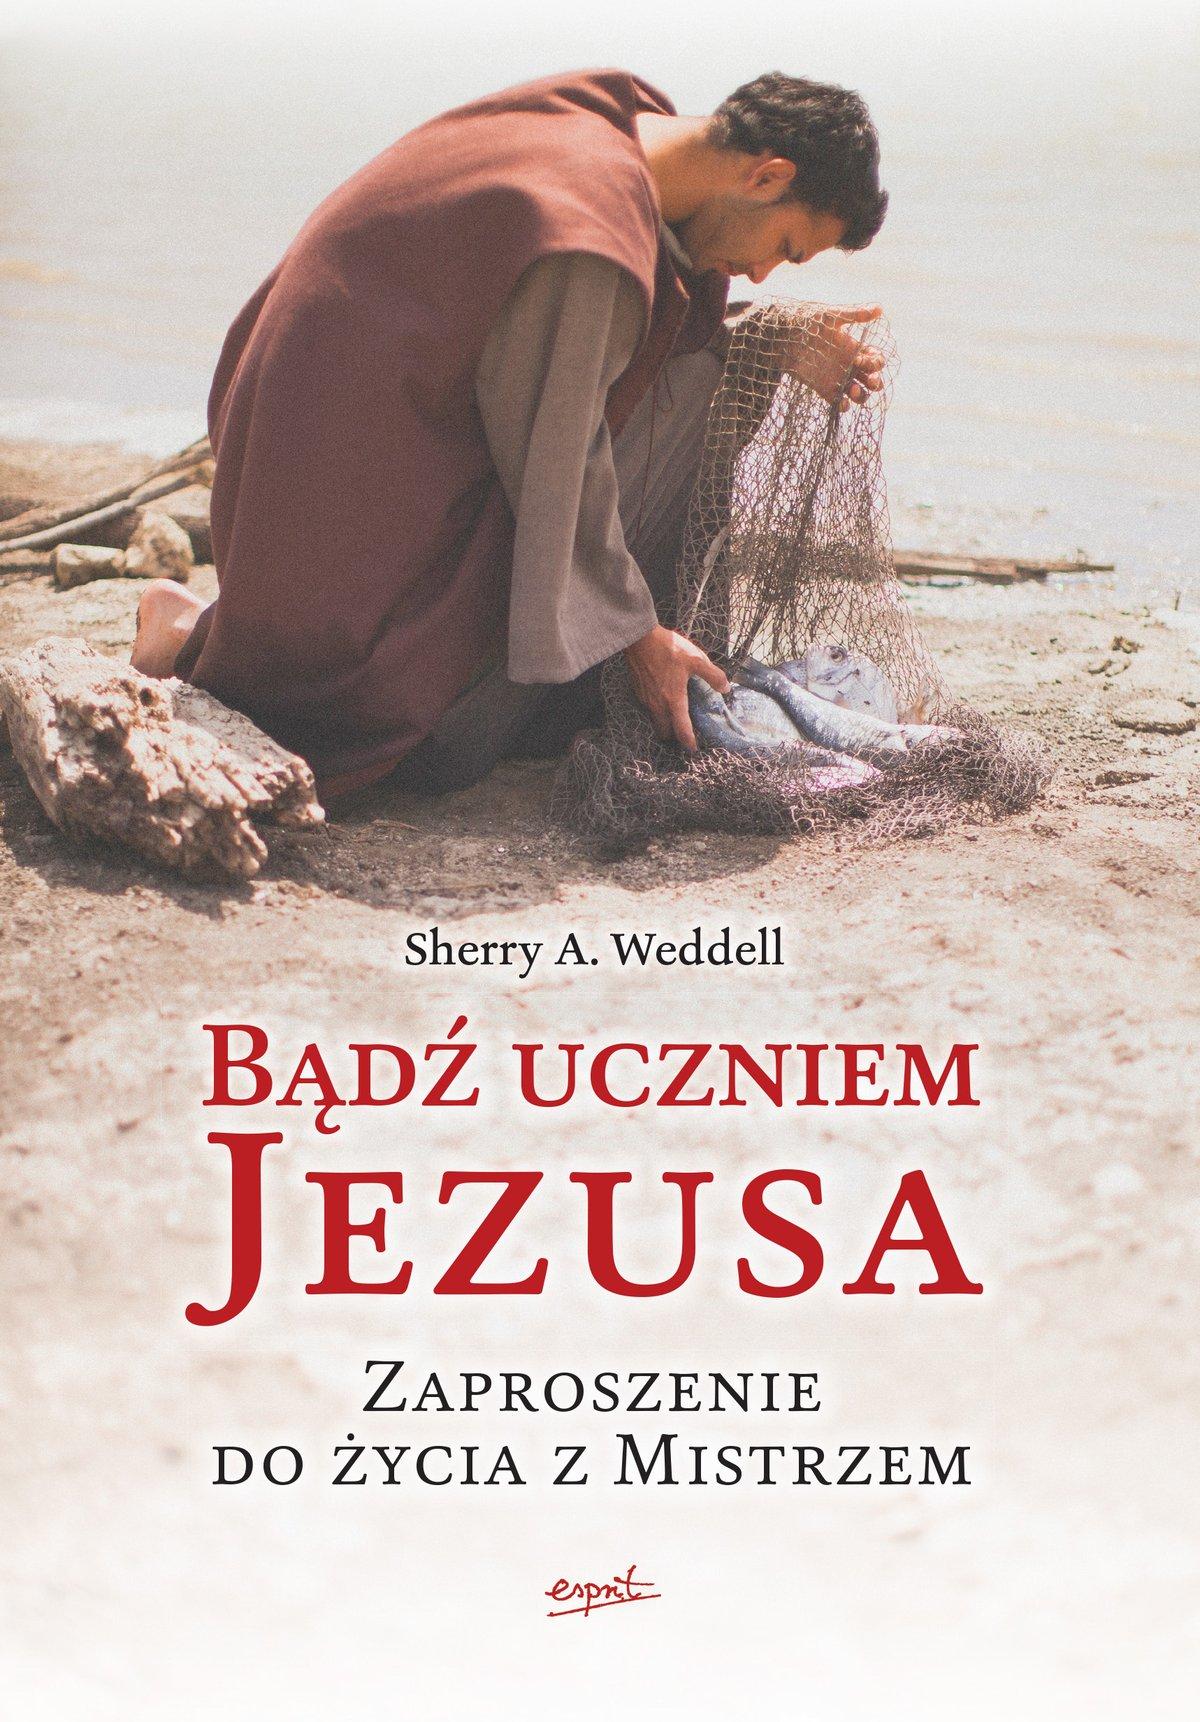 Bądź uczniem Jezusa - Ebook (Książka EPUB) do pobrania w formacie EPUB